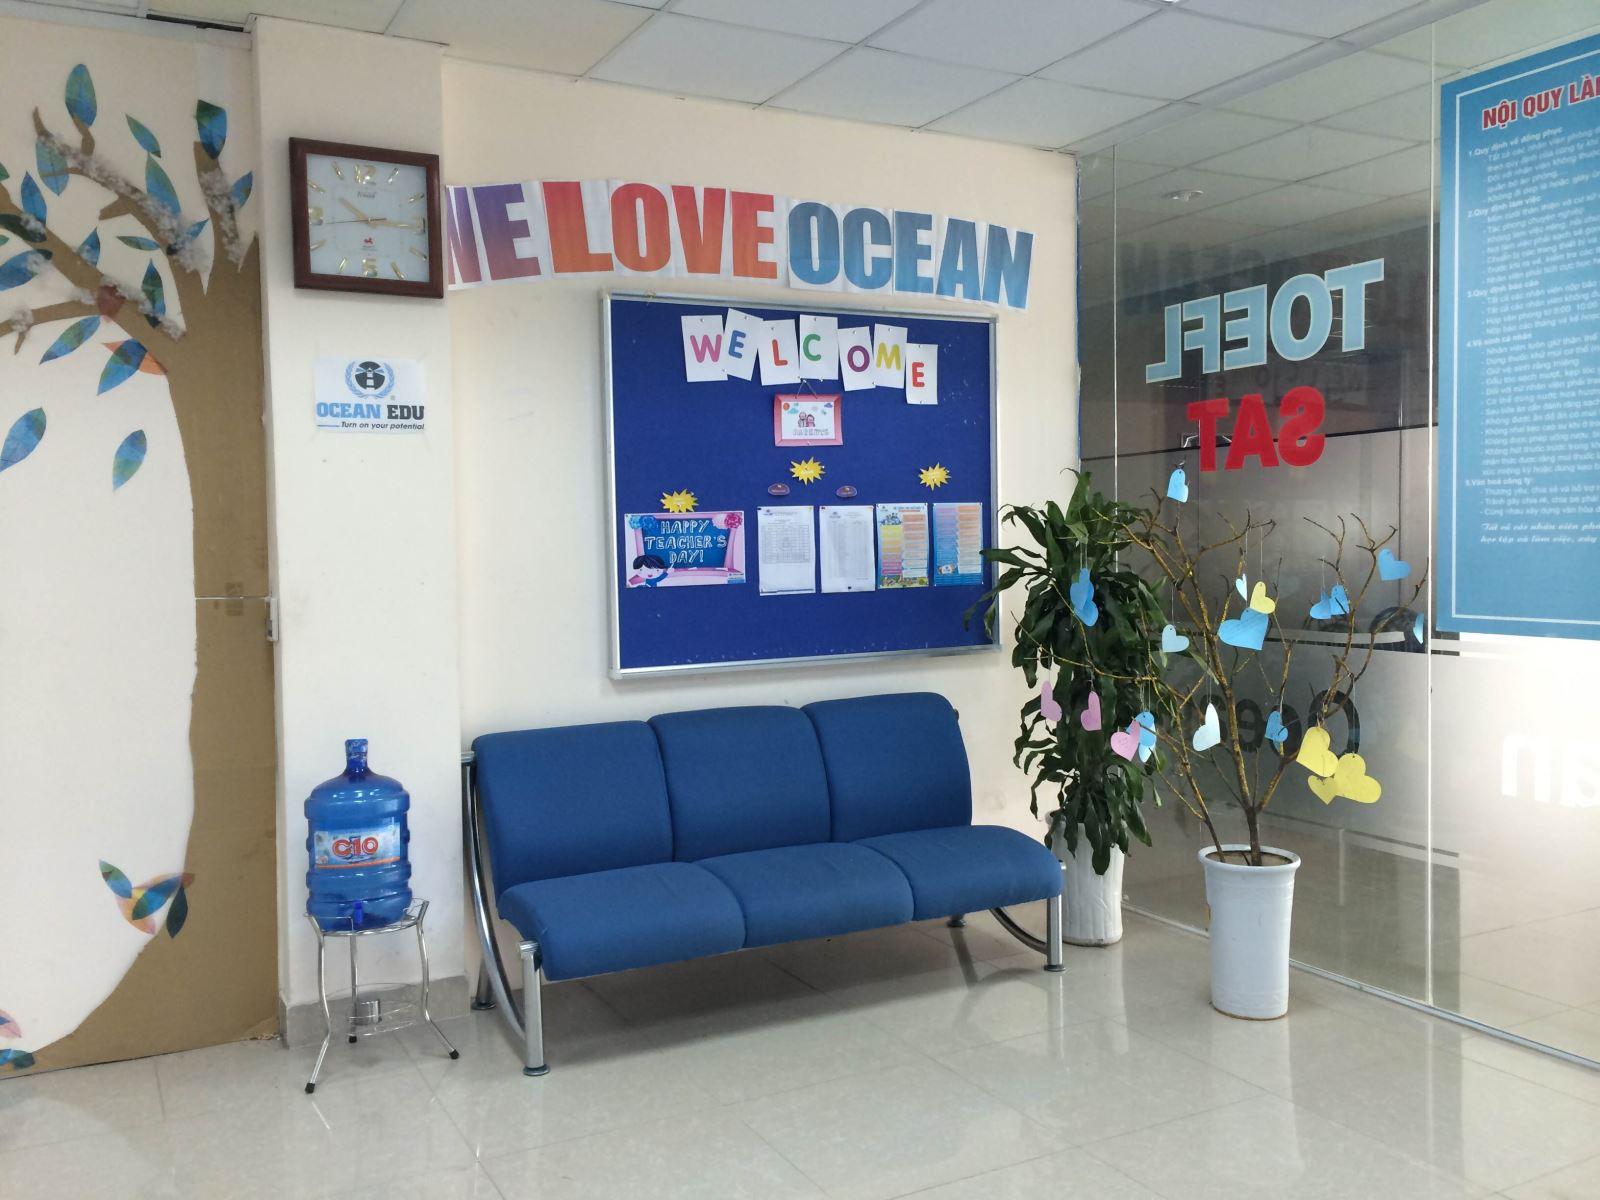 Học viên Ocean Edu Phúc Yên viết thư tặng thầy nhân ngày 20-11